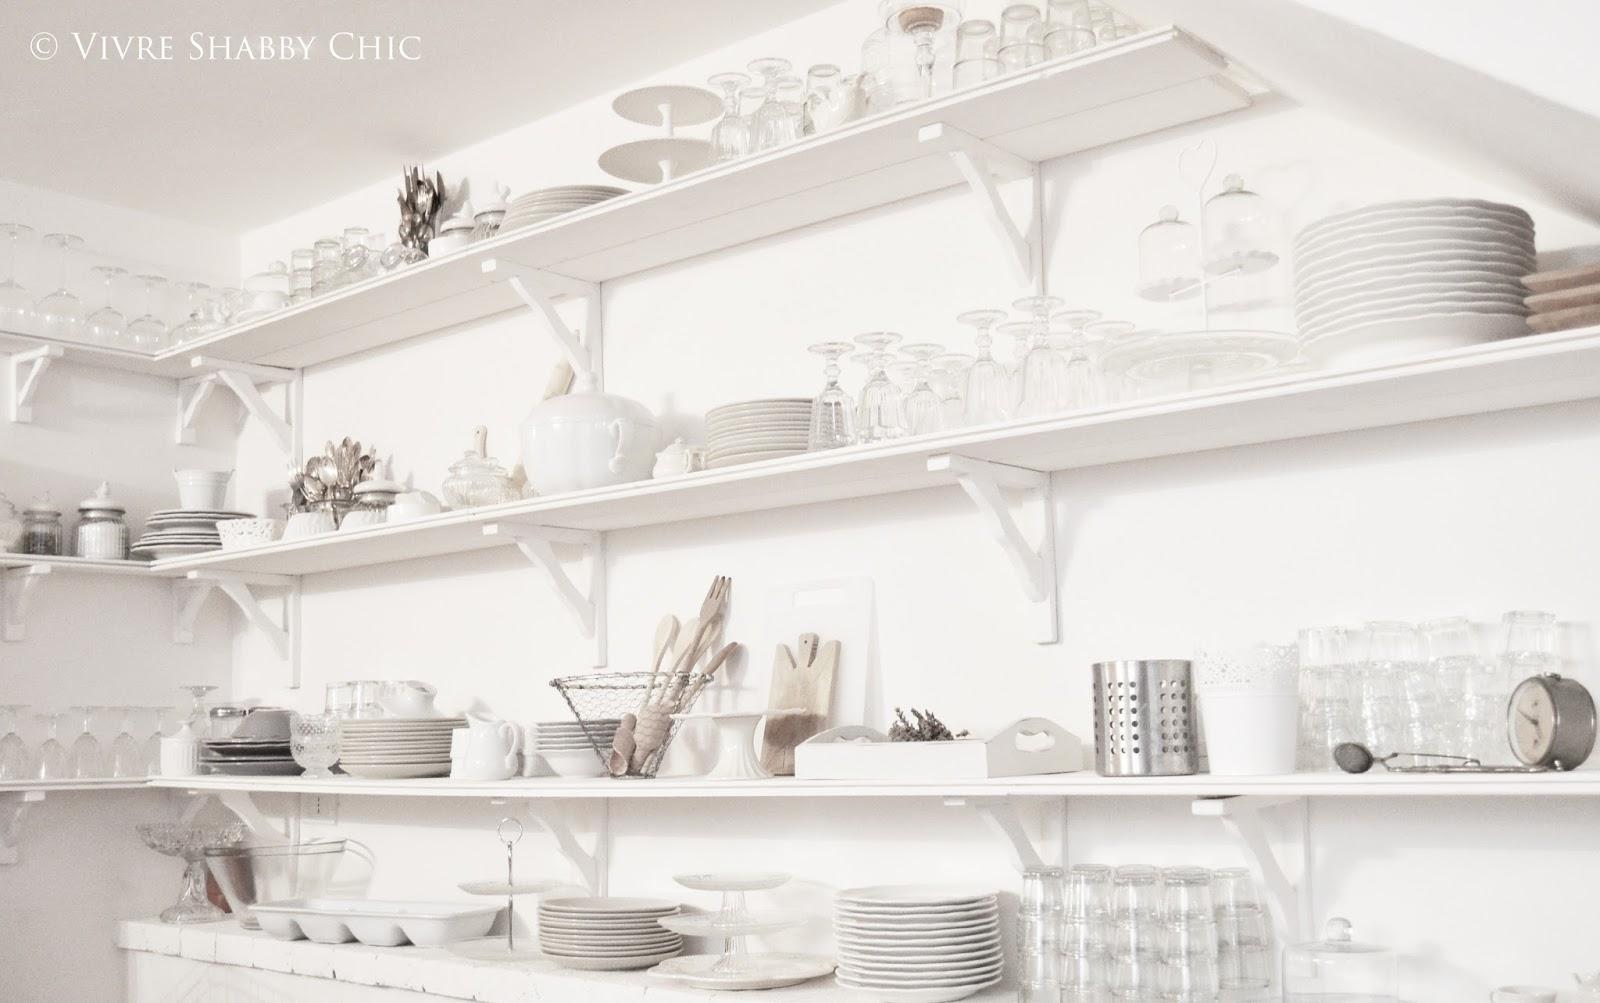 Vivre shabby chic open shelving in cucina la mia parete attrezzata - Parete shabby chic ...